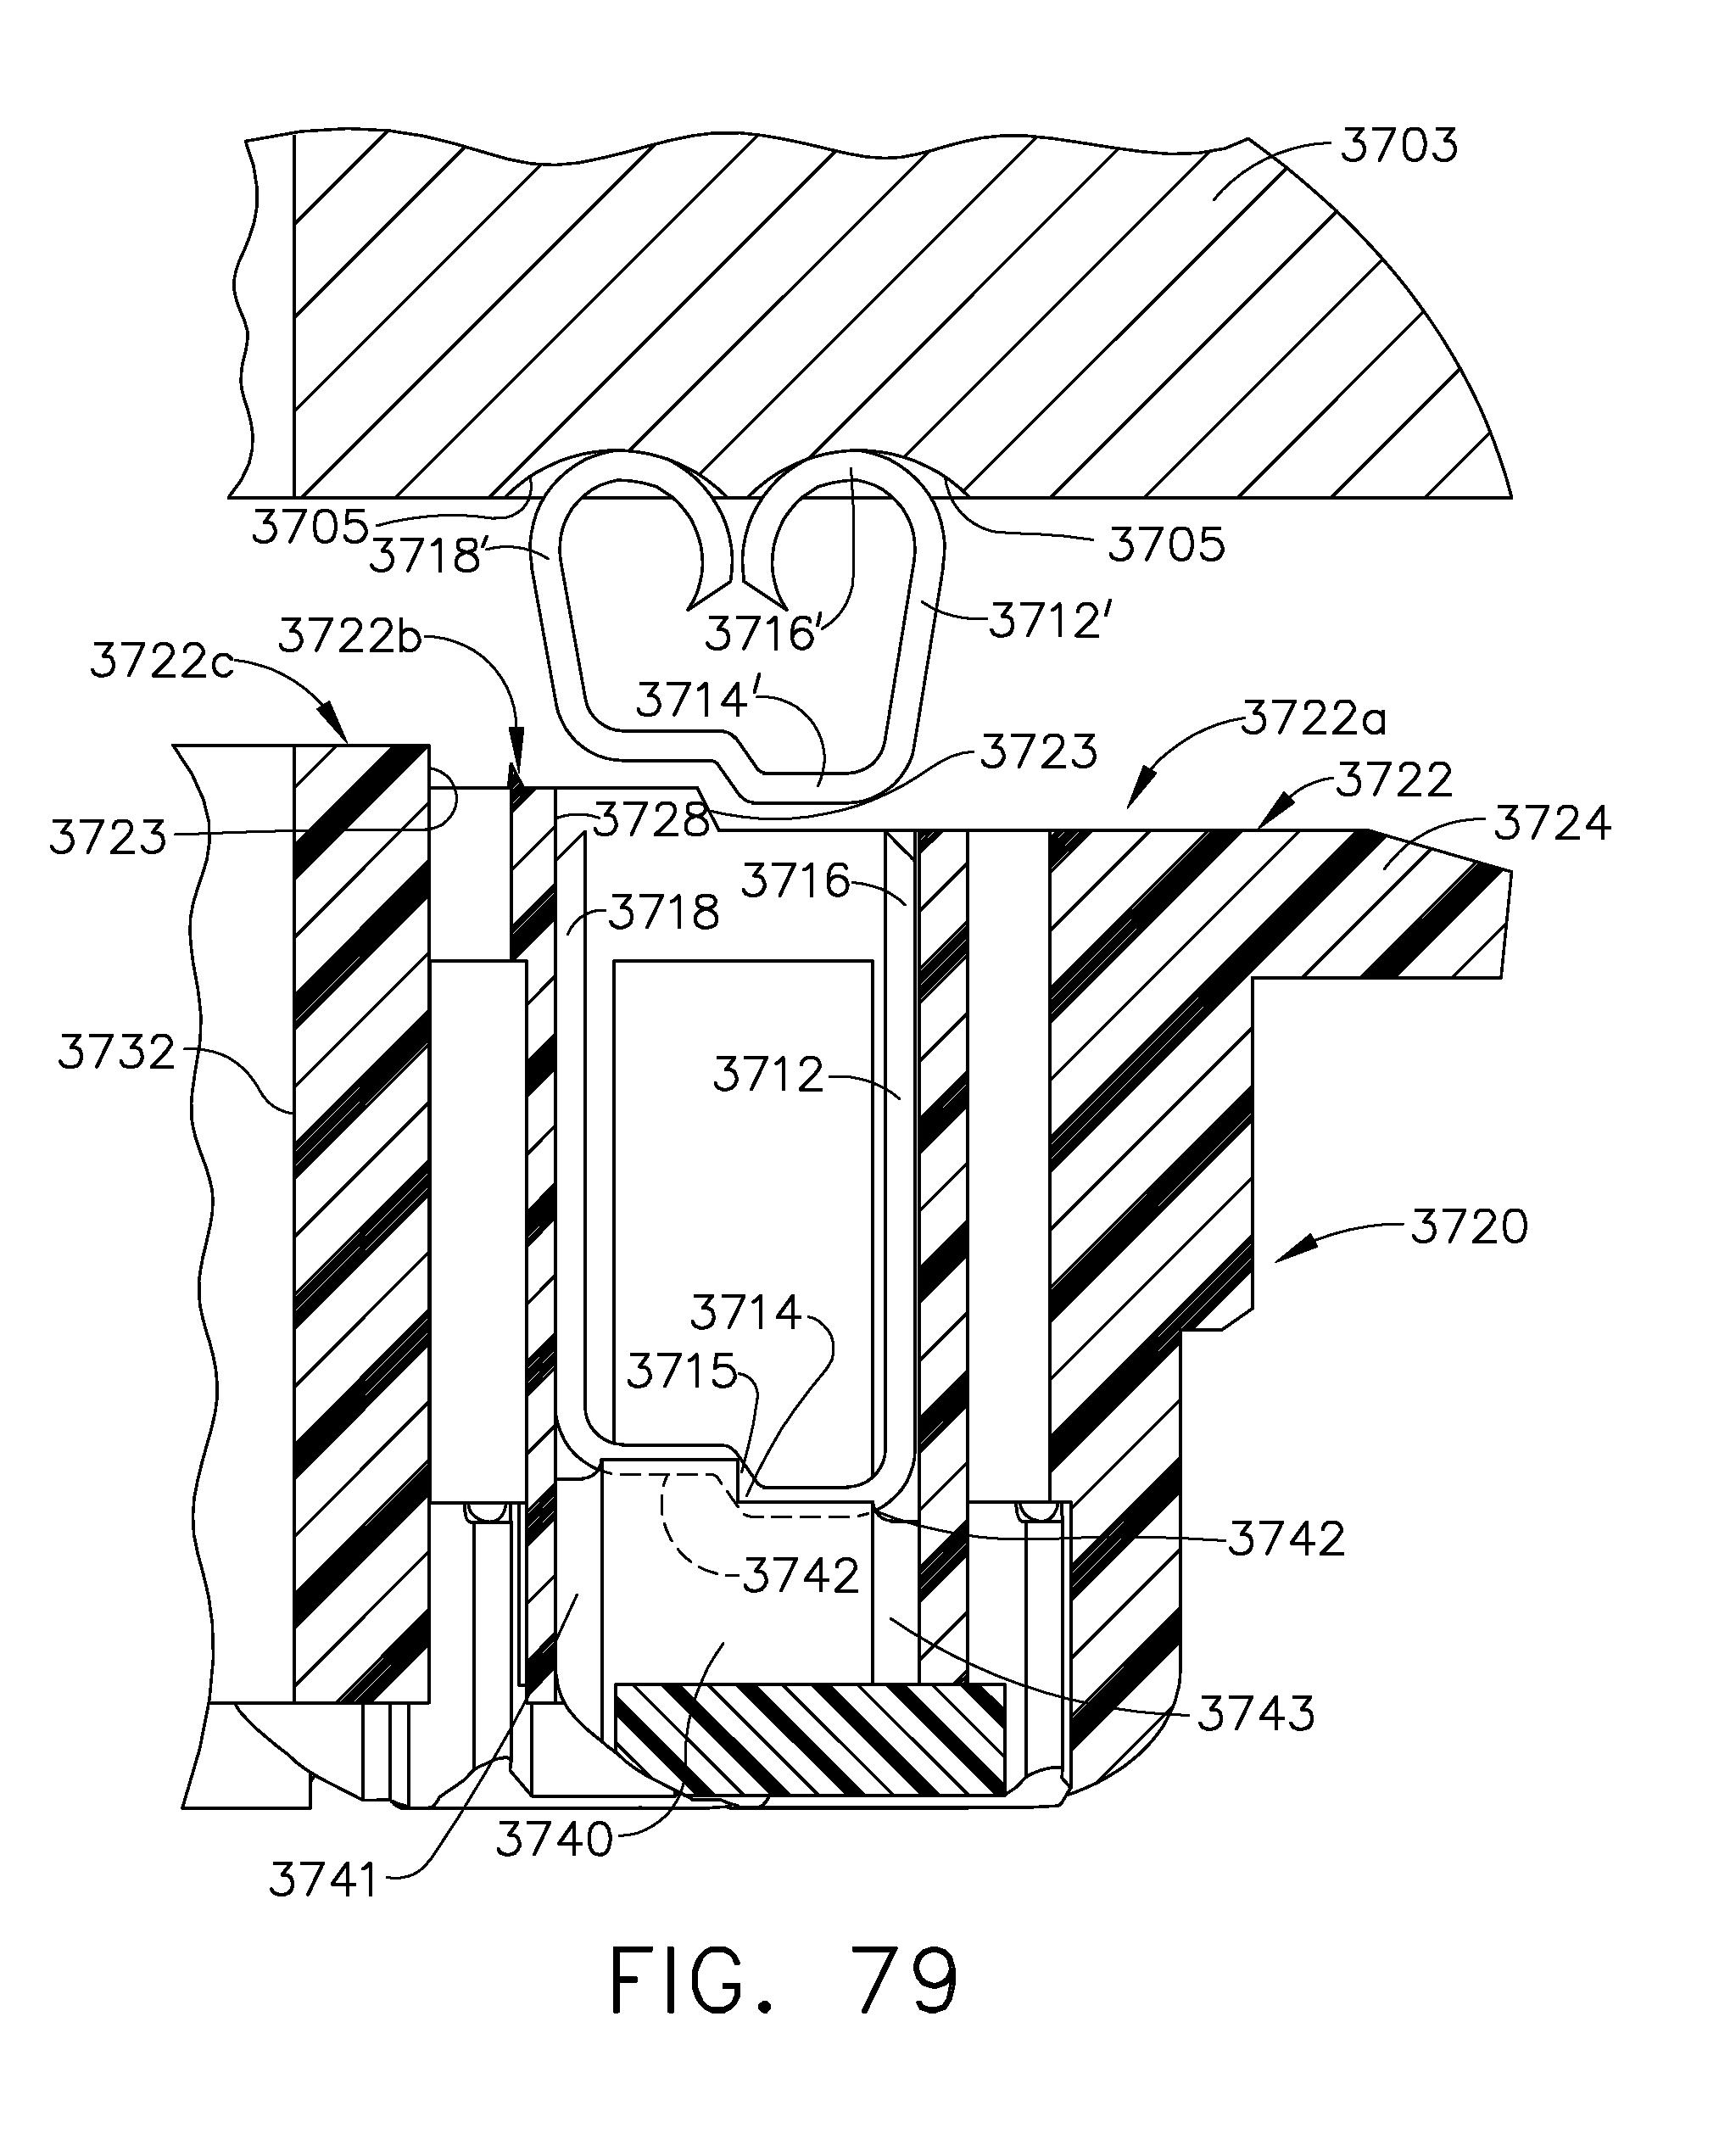 mitsubishi starion wiring diagram wiring diagram database Wiring Diagram 1989 Saab 900 daihatsu rocky wiring diagram wiring diagram database dodge viper wiring diagram mitsubishi starion wiring diagram